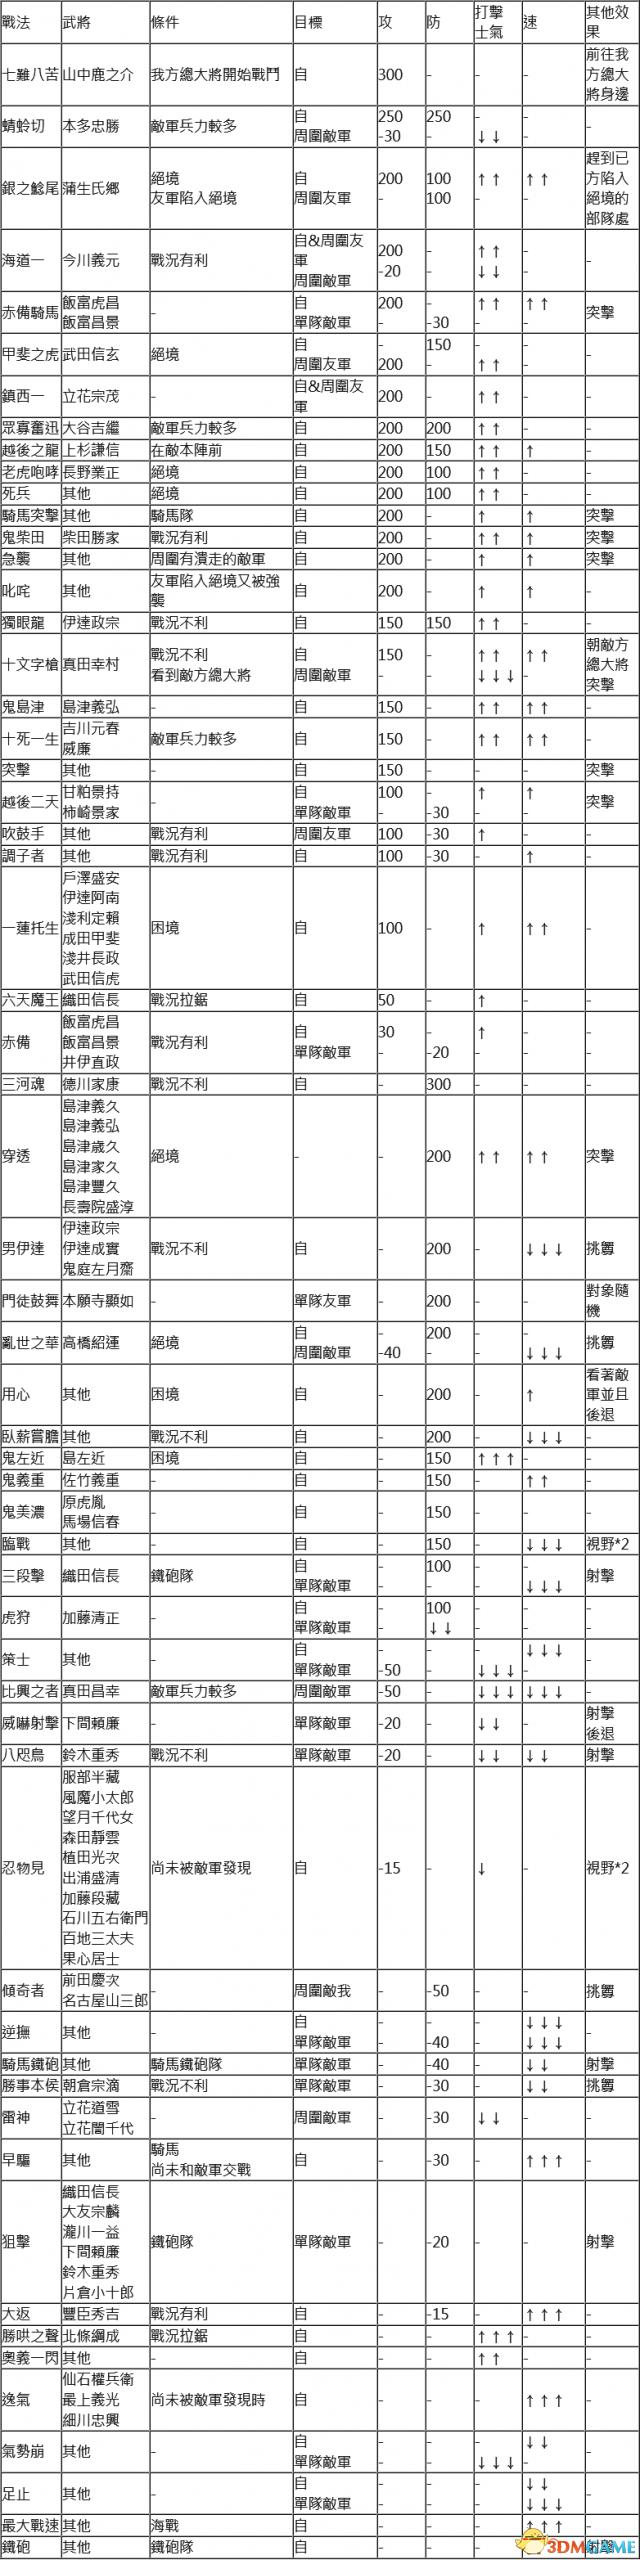 信长之野望大志战法效果一览表